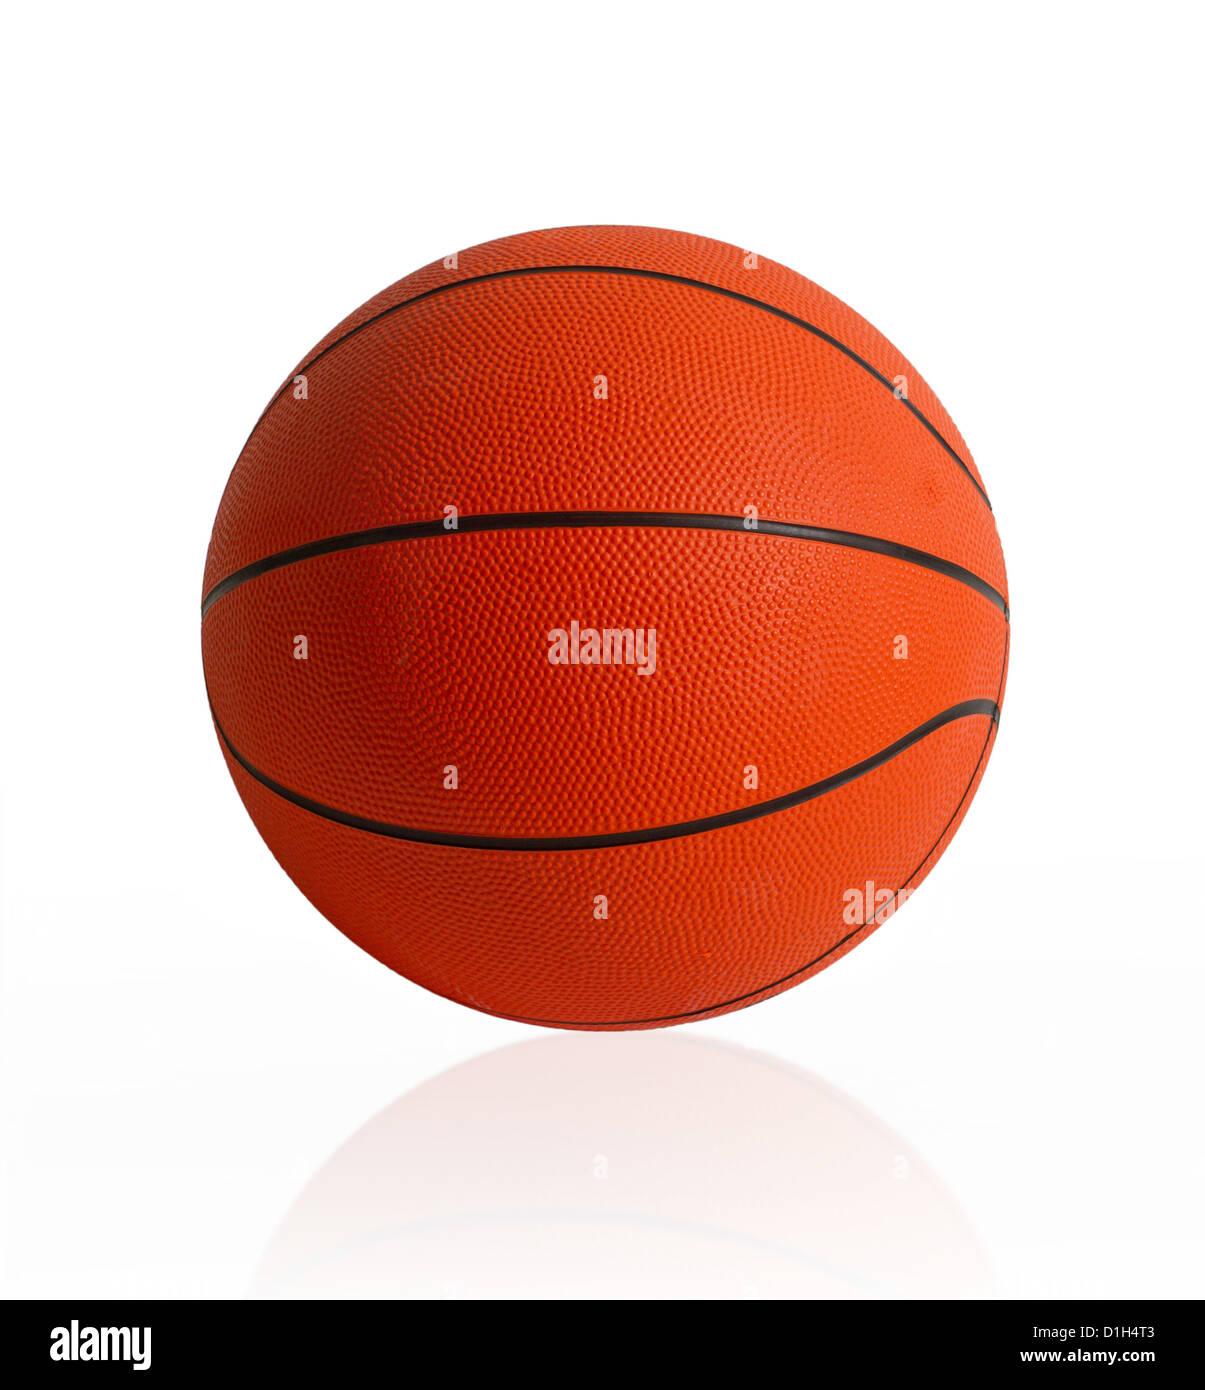 El mundo del baloncesto deporte favorito juegos aislado en blanco Imagen De Stock